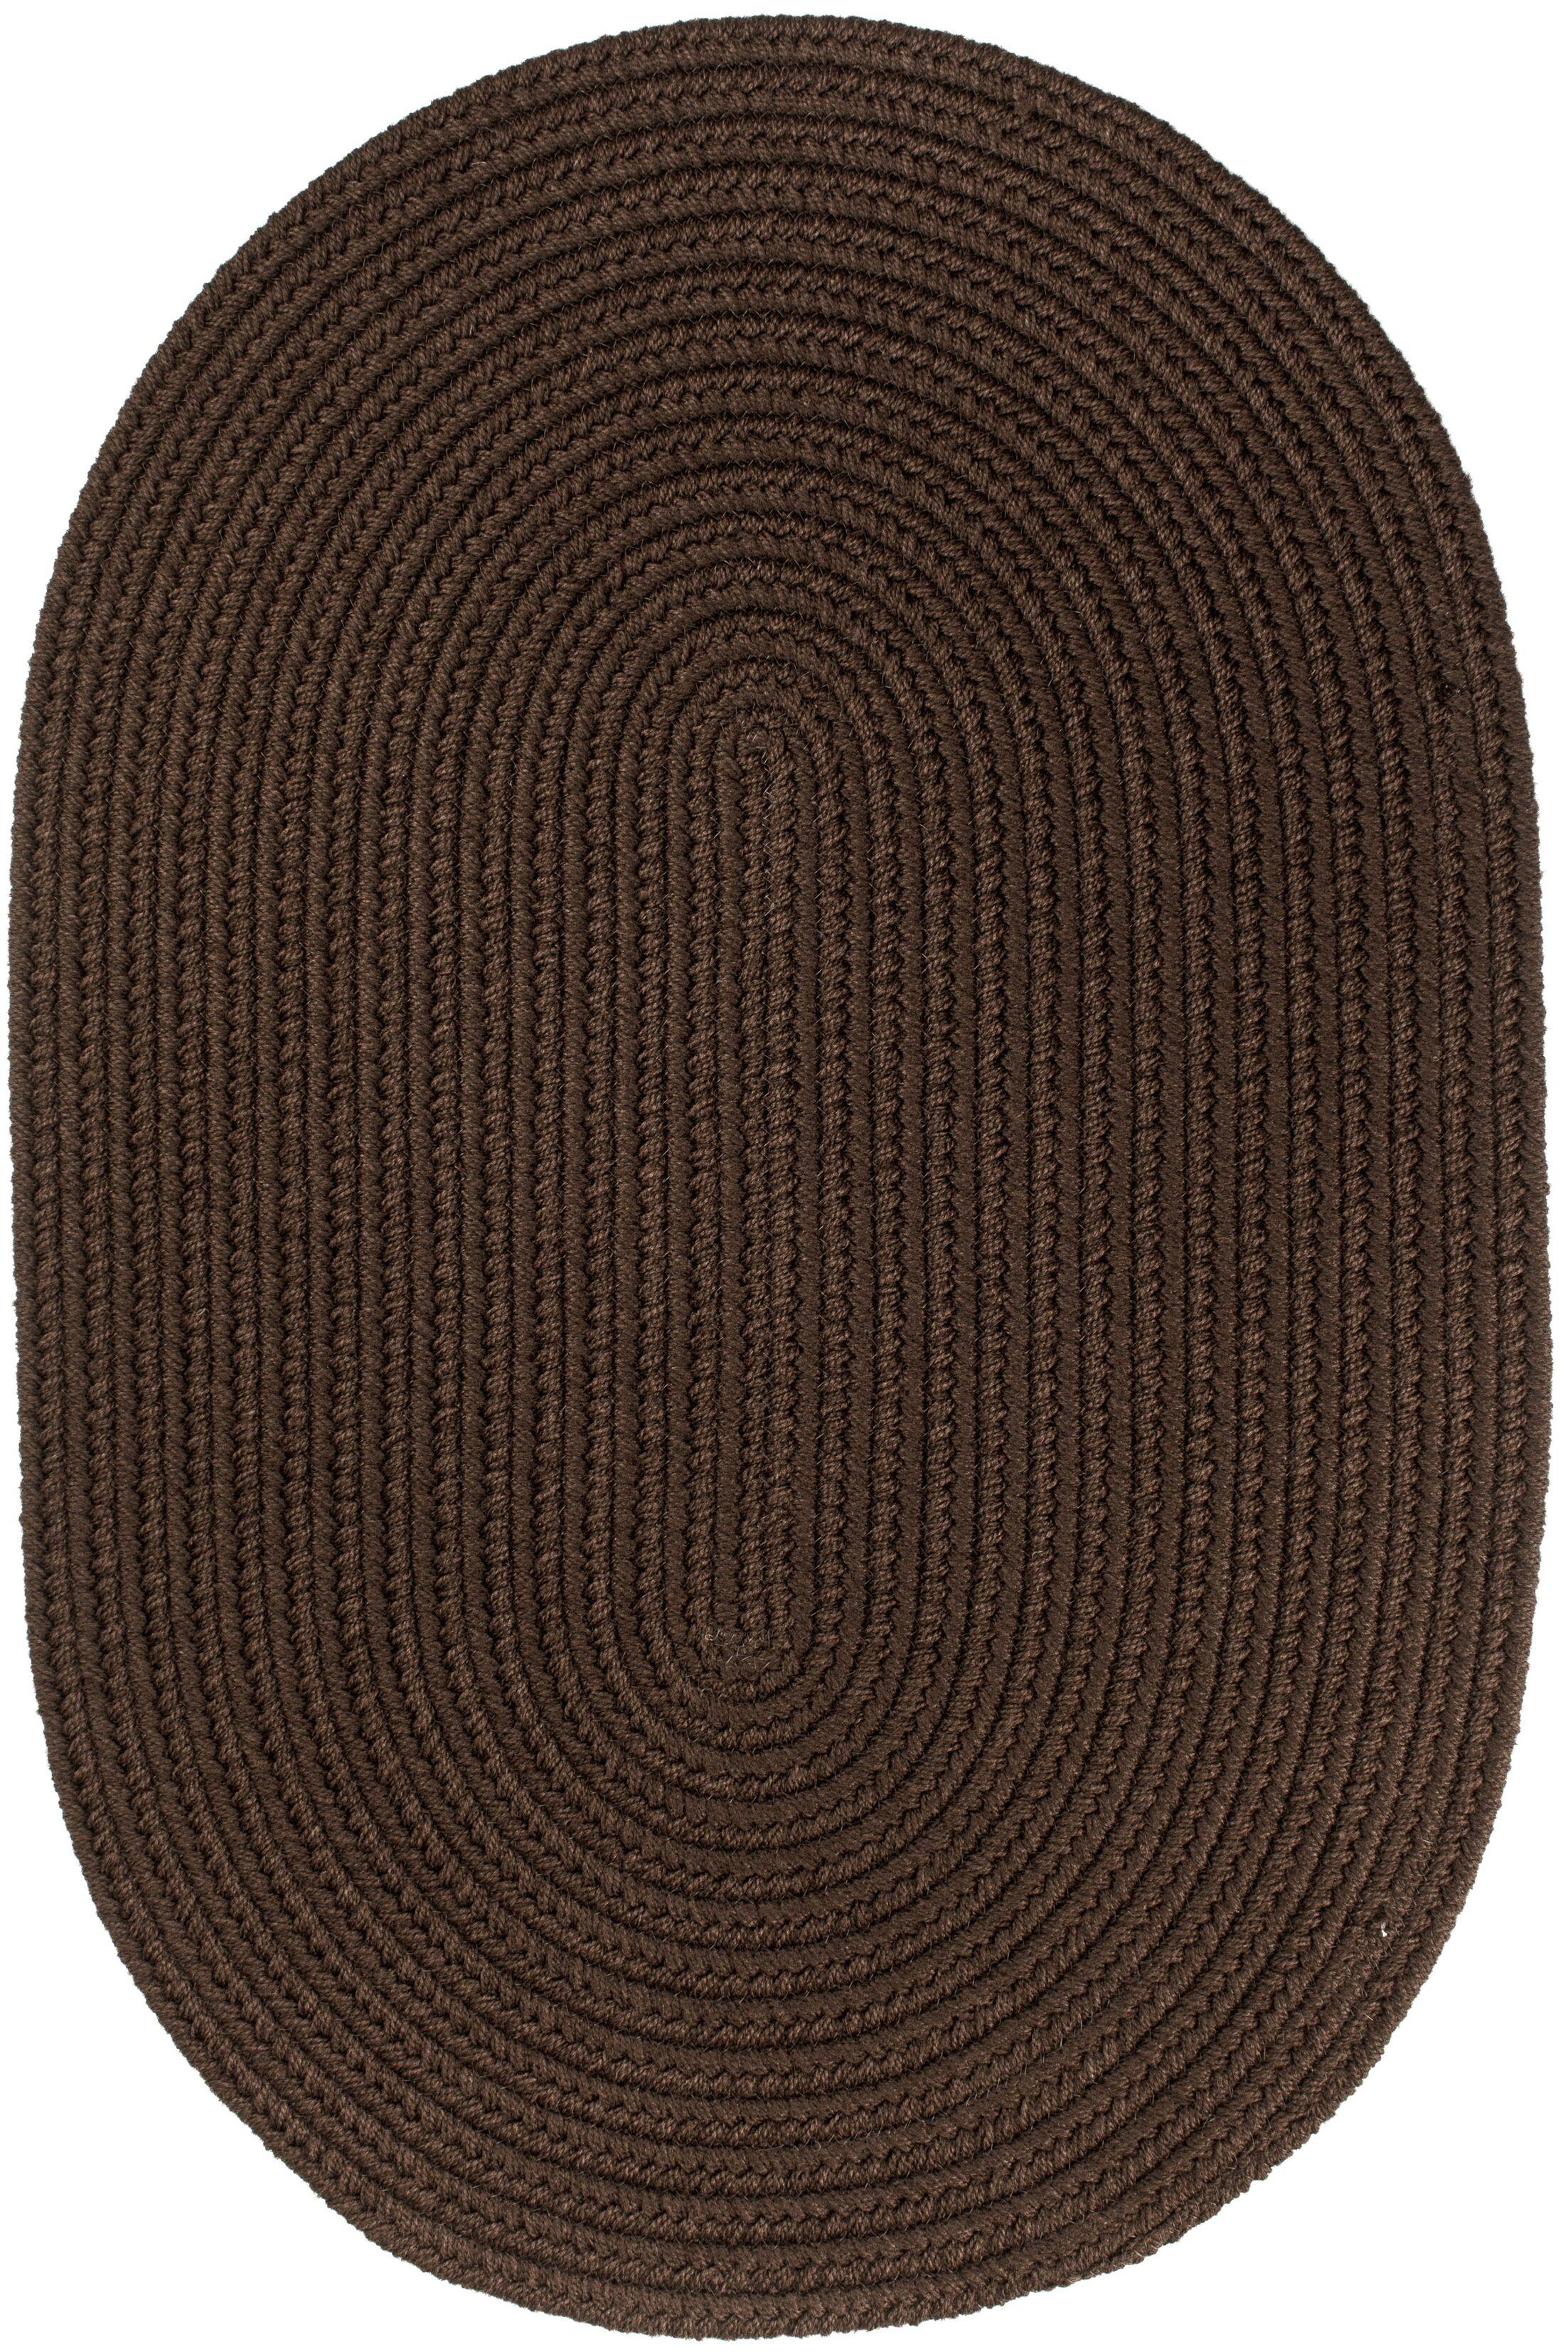 Handmade Brown Indoor/Outdoor Area Rug Rug Size: Oval 5' x 8'